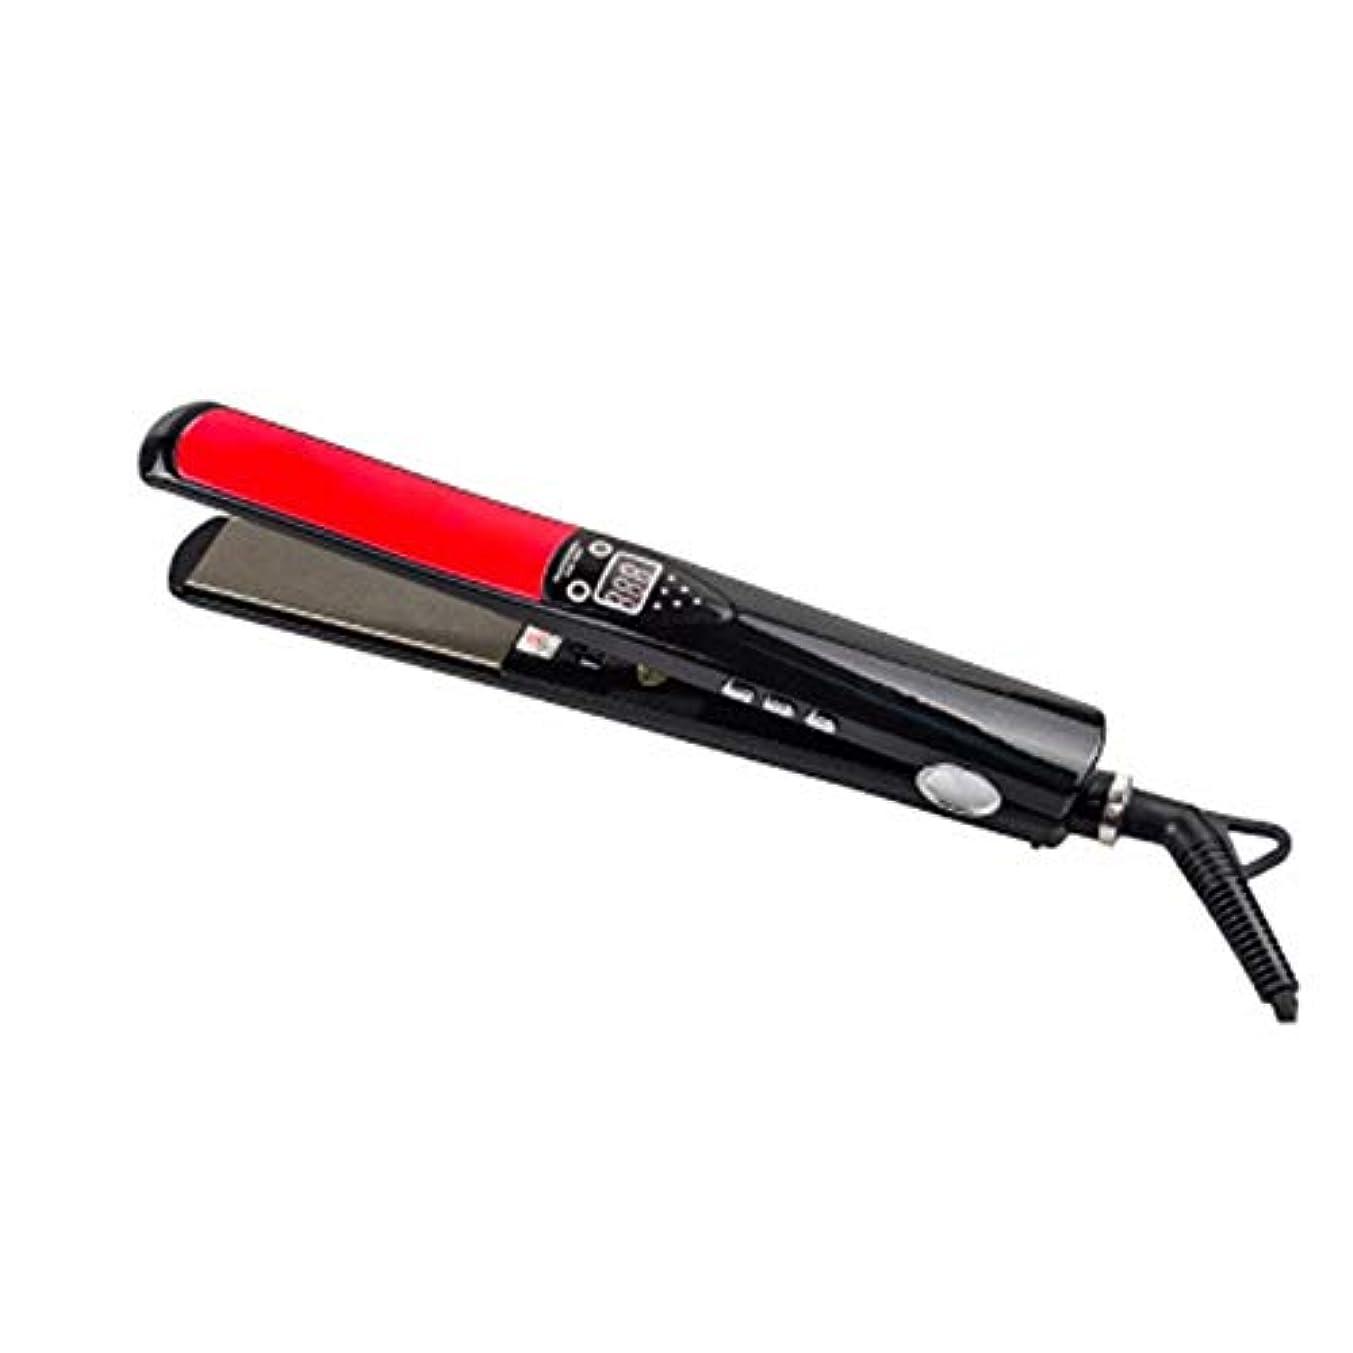 設置手術民主主義カーリーヘア&ストレートヘア2 in 1電気スプリント、液晶チタンプレートカーリングアイロン、急速加熱ストレイテナー モデリングツール (色 : 黒)